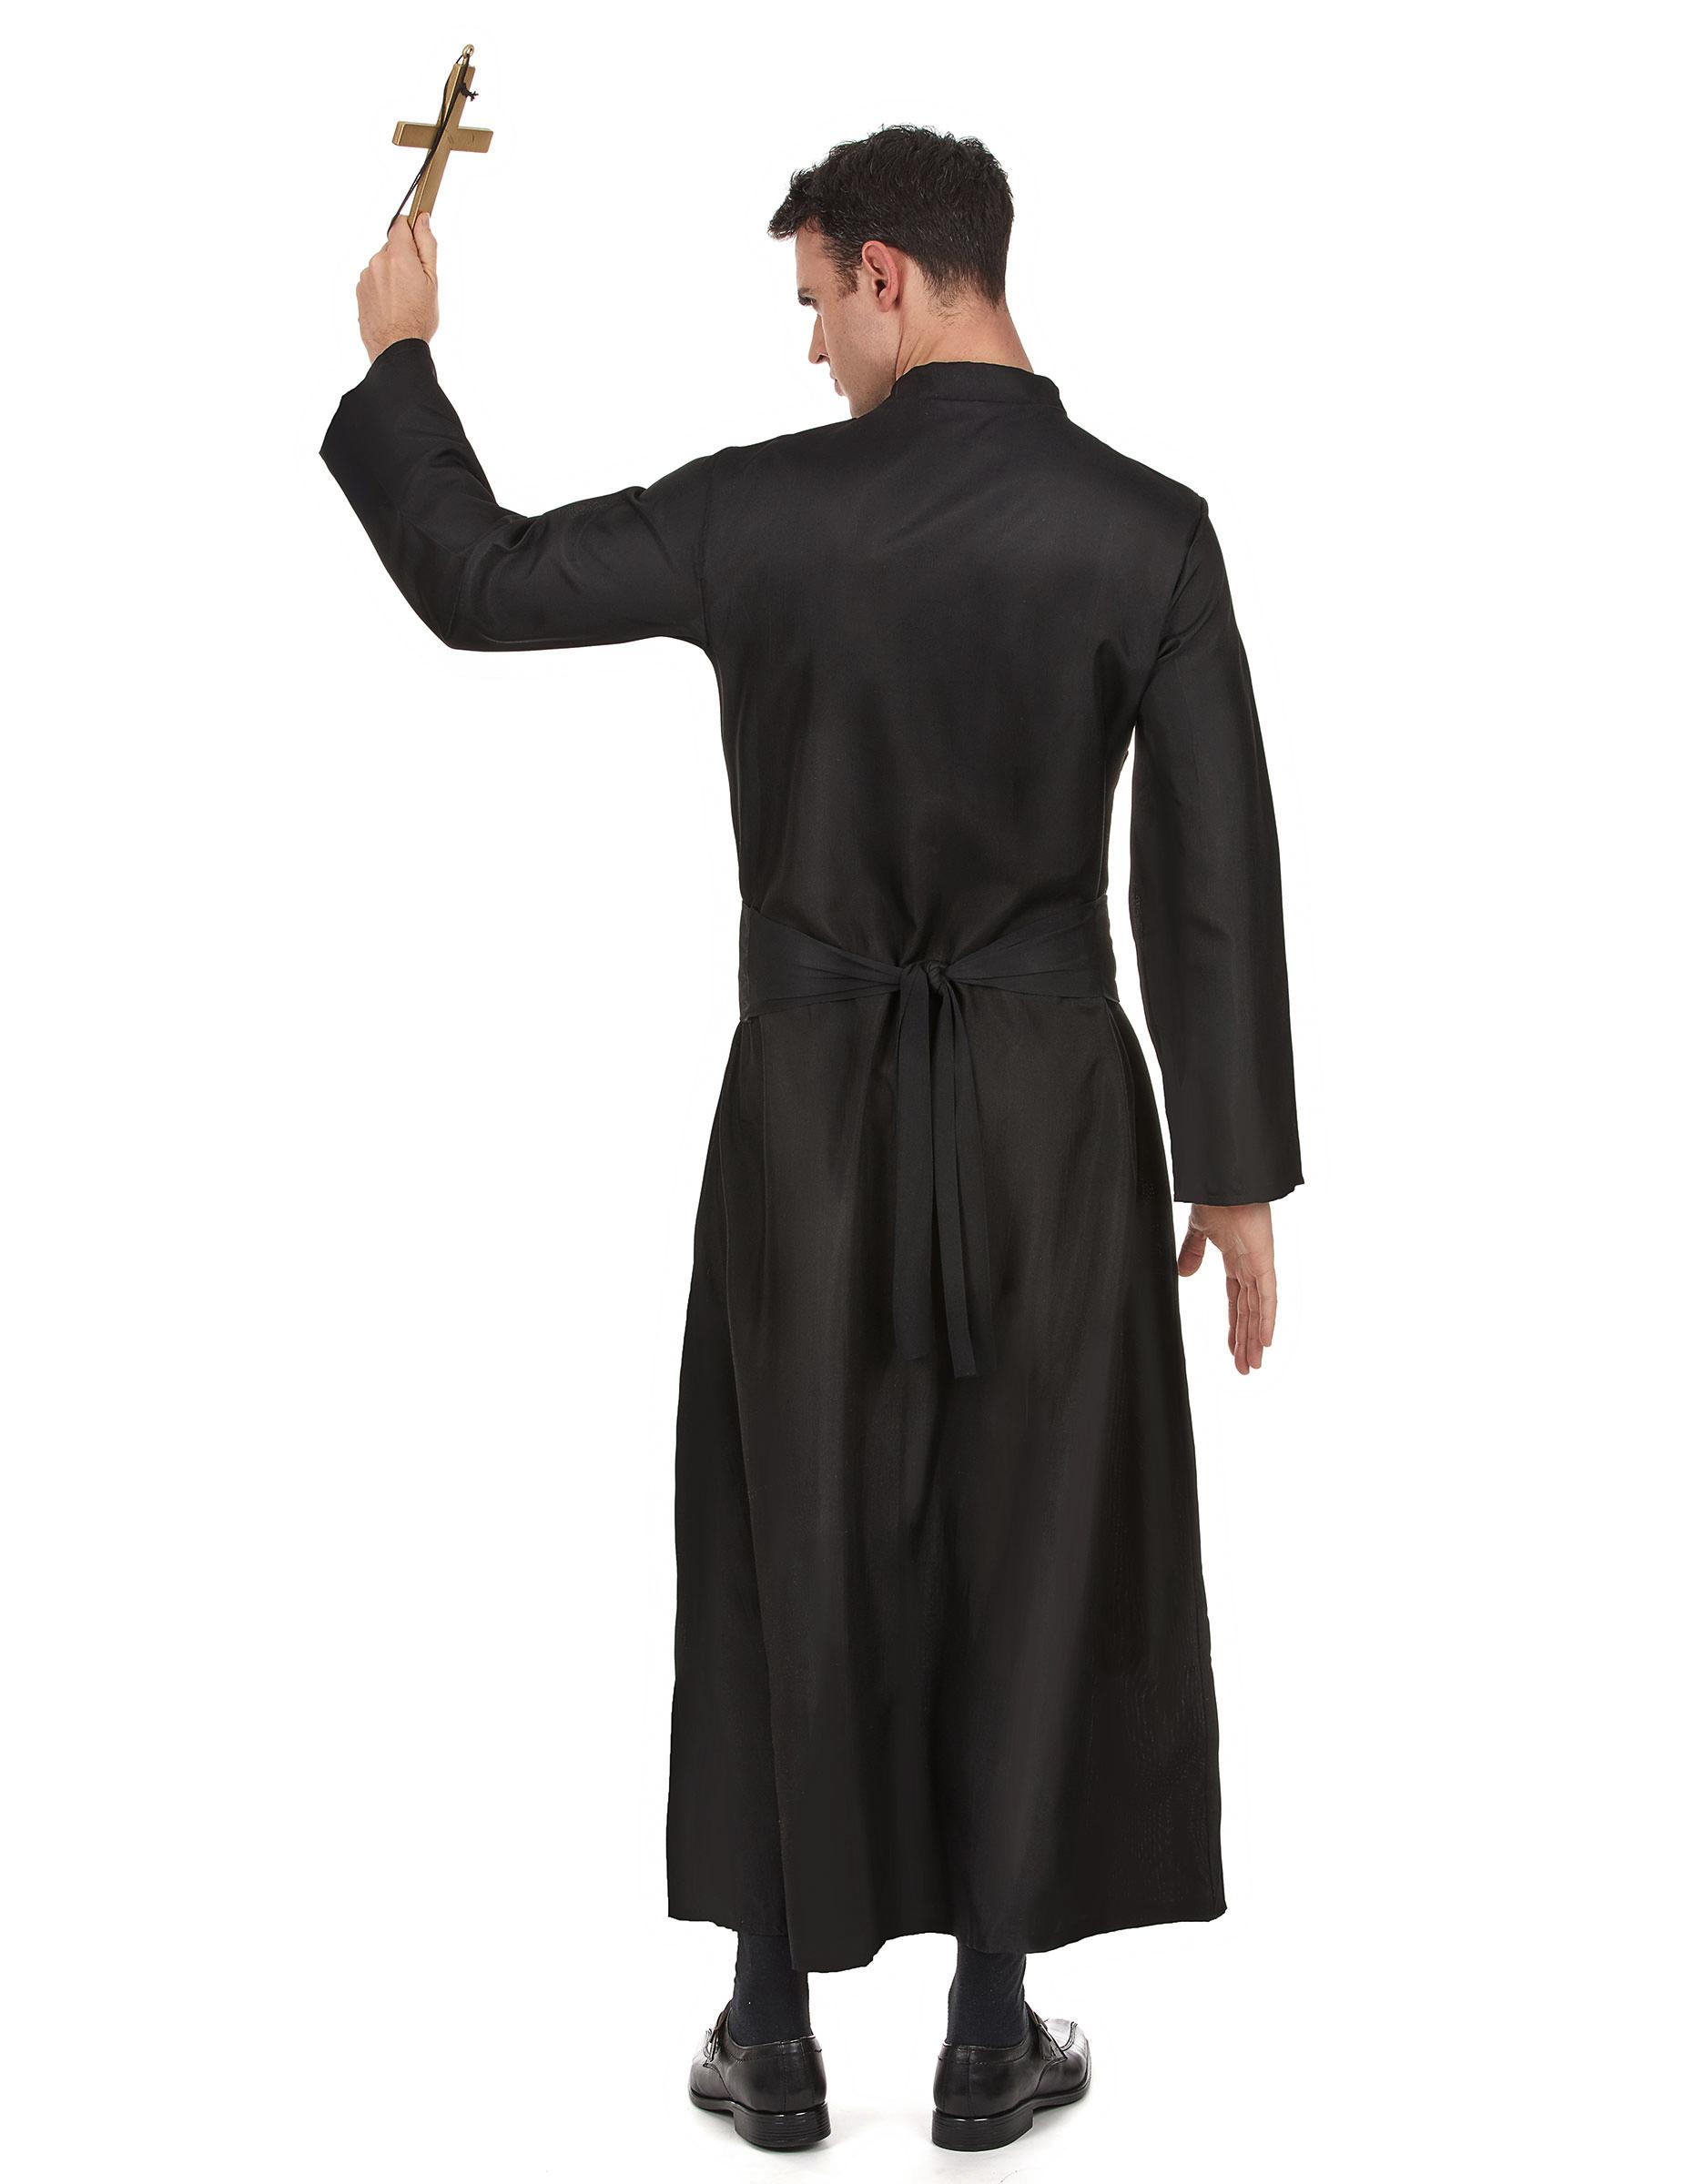 Disfraz de cura para hombre disfraces adultos y disfraces for Disfraces baratos